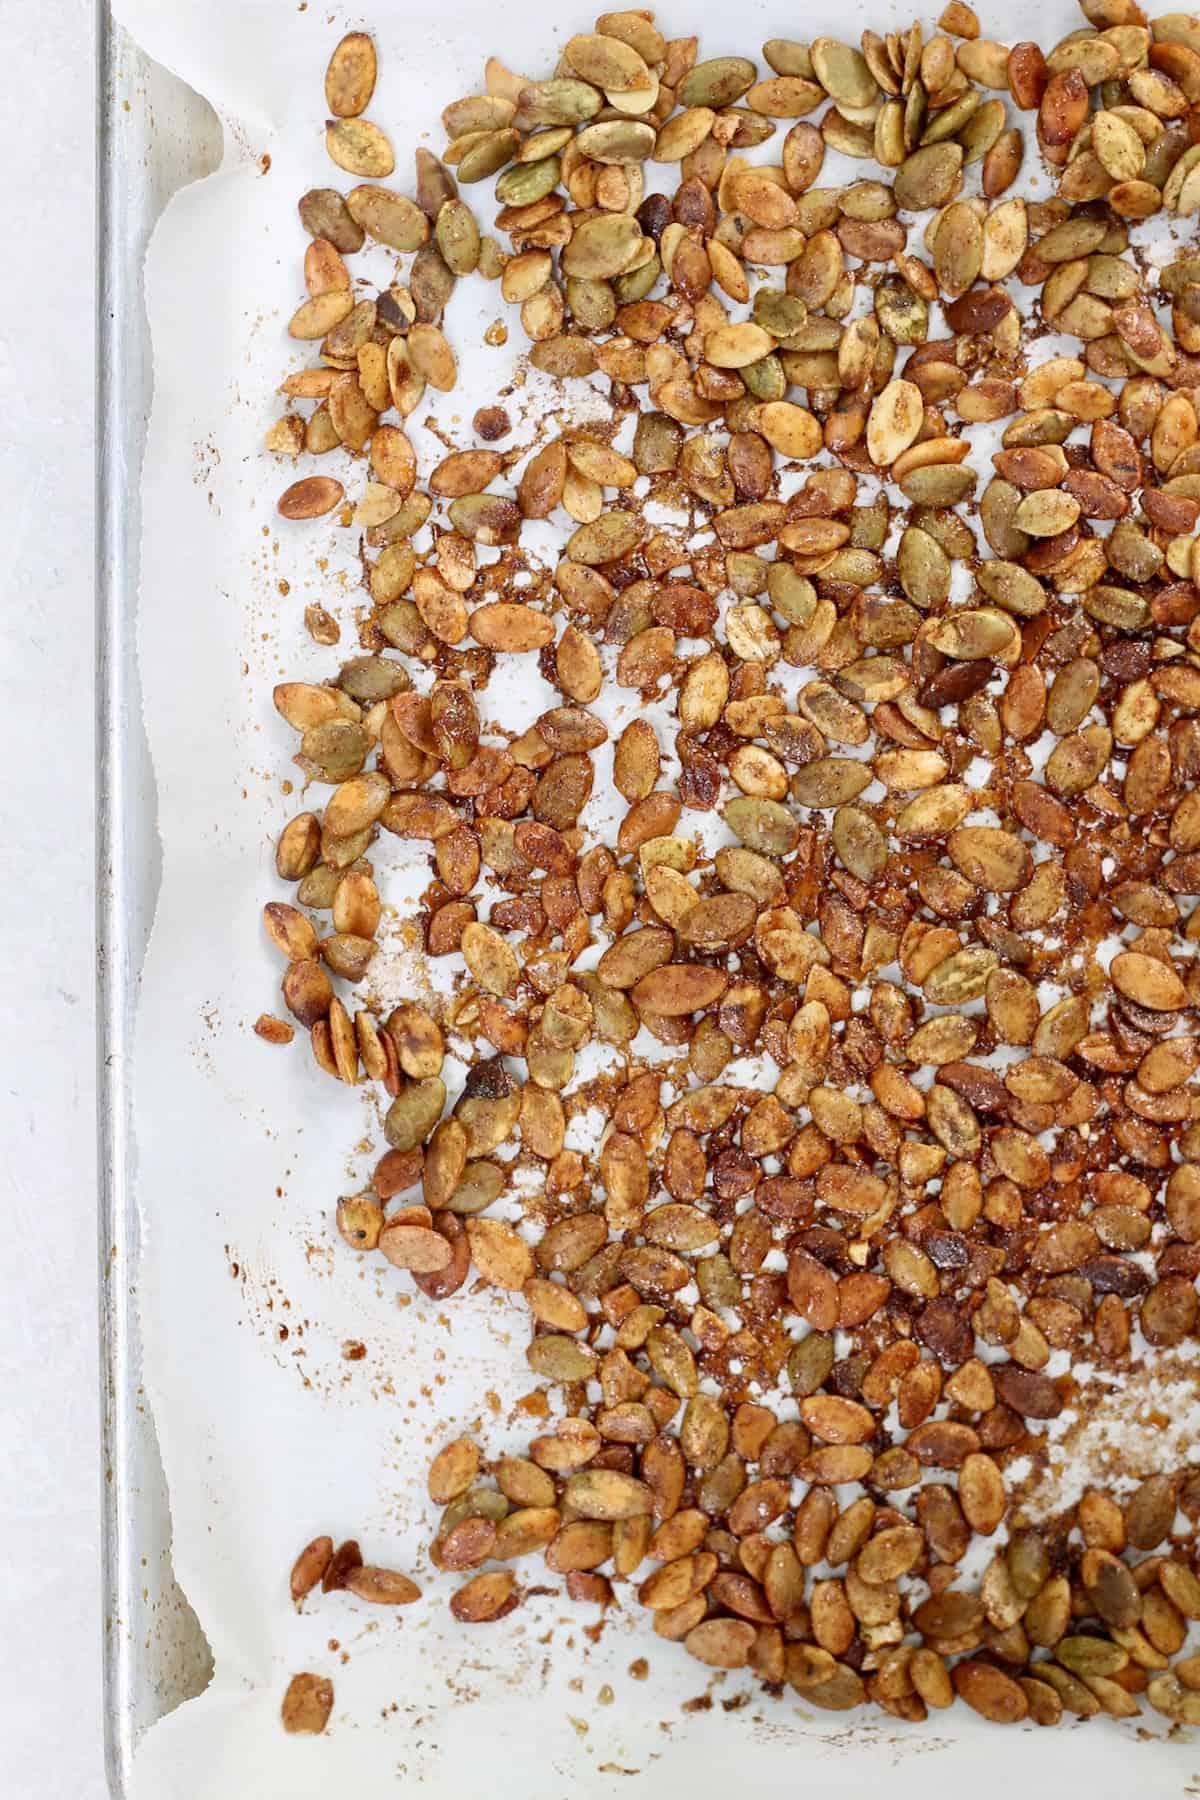 sheet pan of pumpkin seeds